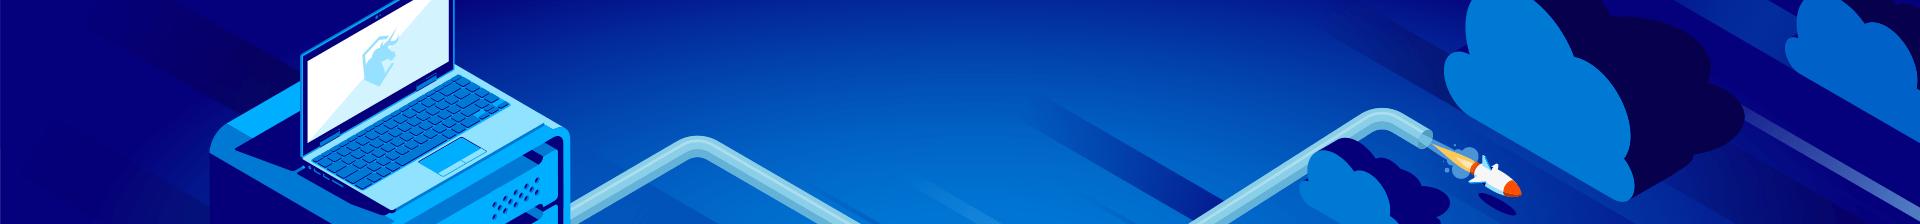 VPN Hero image